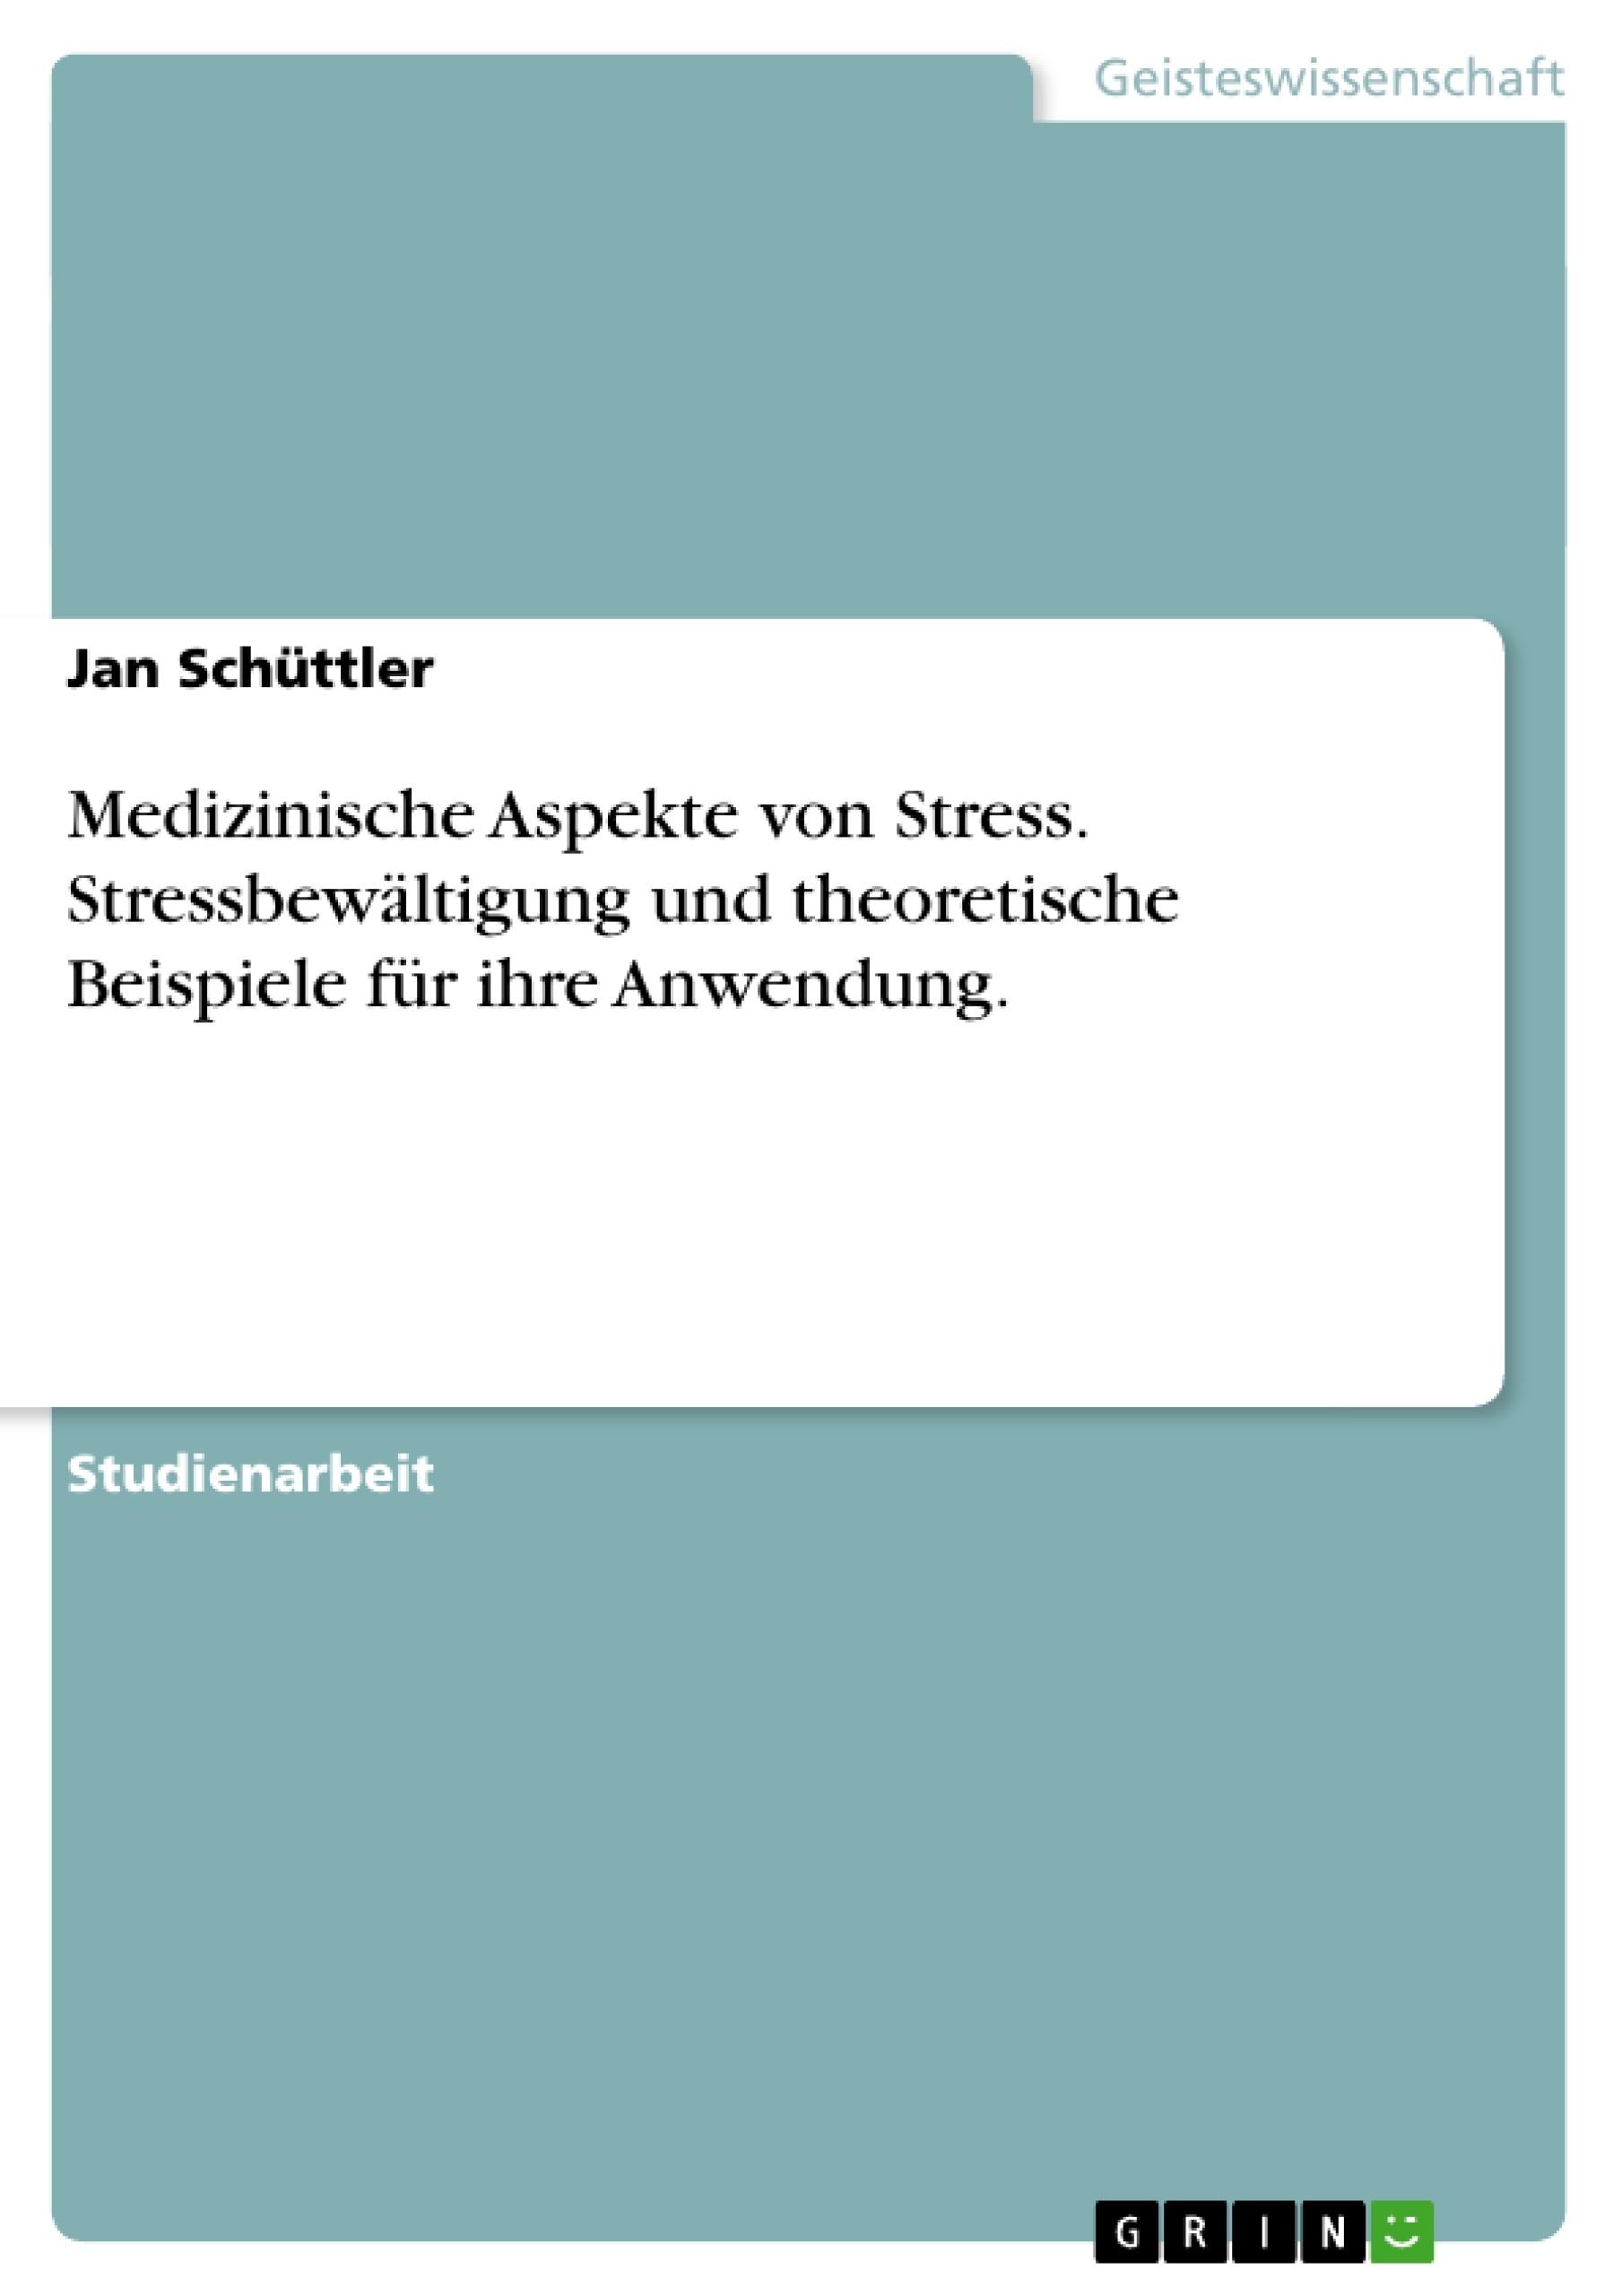 Titel: Medizinische Aspekte von Stress. Stressbewältigung und theoretische Beispiele für ihre Anwendung.